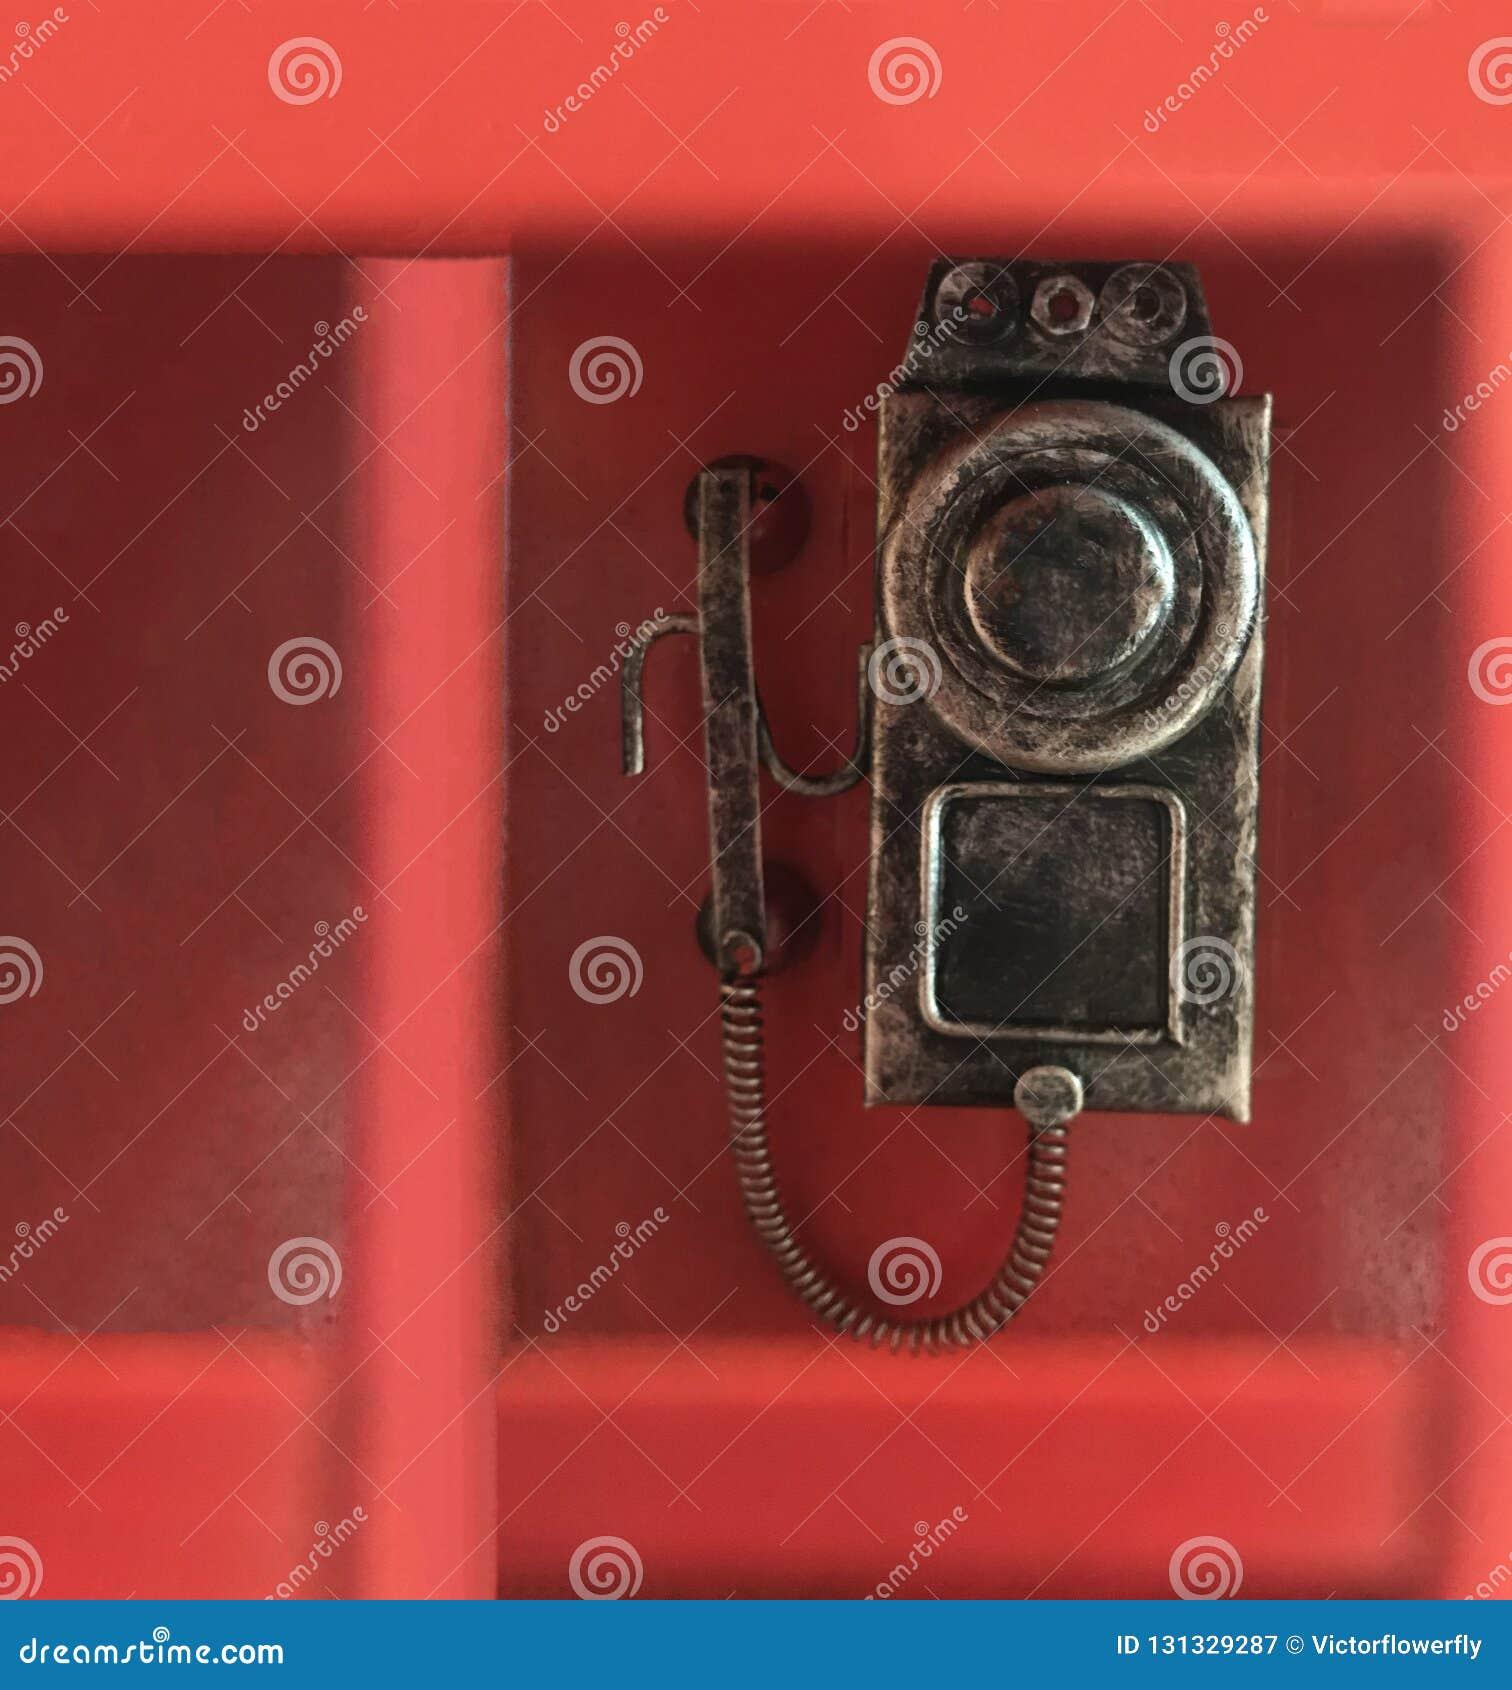 Traditionele klassieke rode telefoondoos, waarin de conventionele roterende telefoon van de muurwijzerplaat in bijlage is, klaar